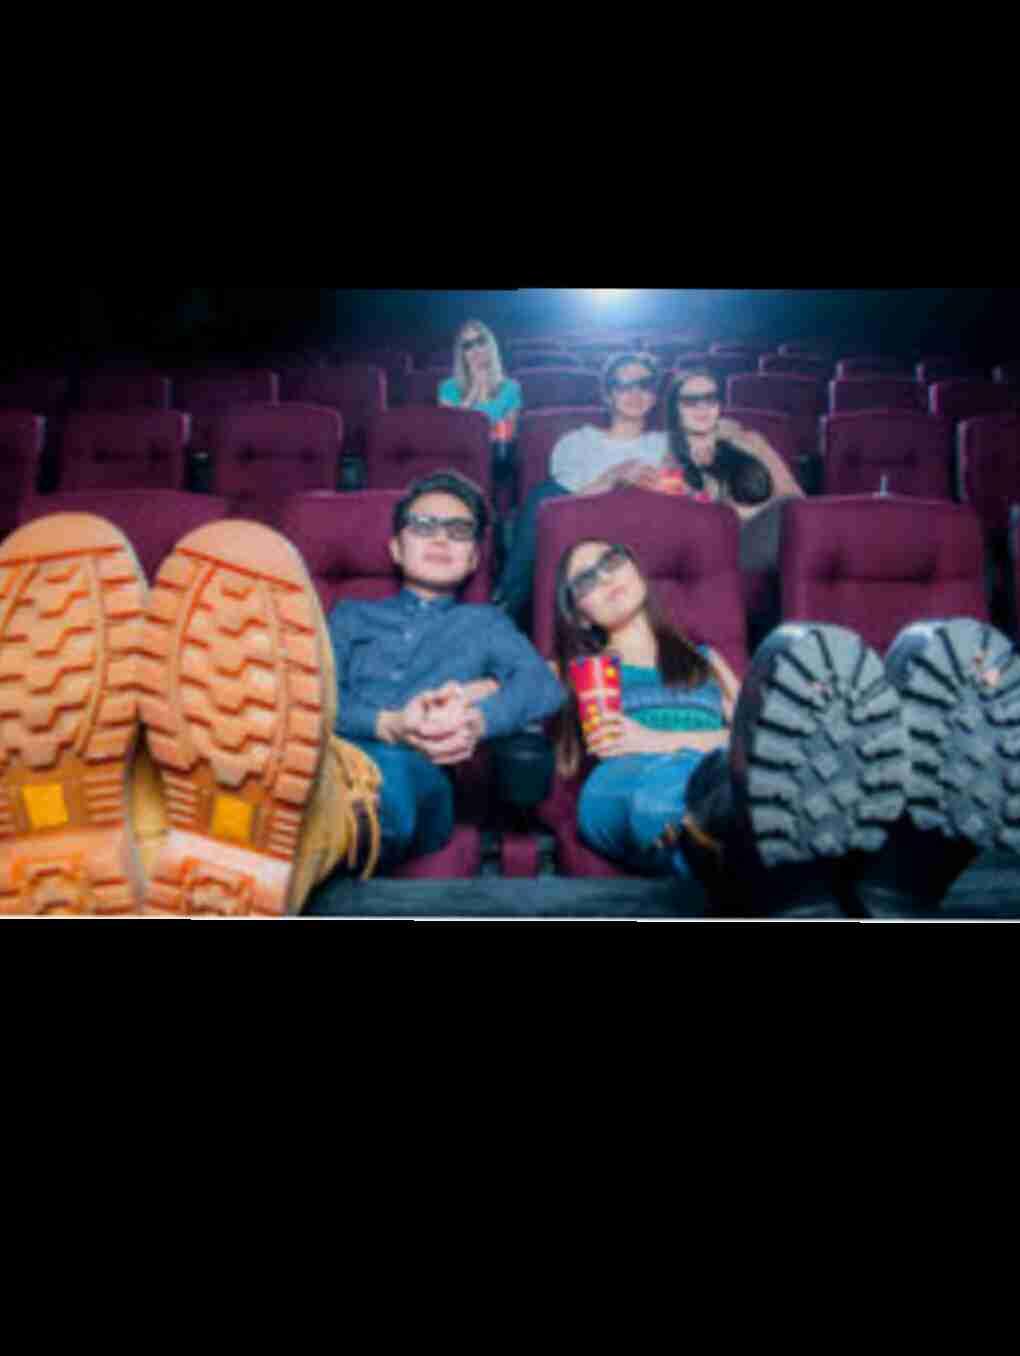 映画館で嫌な思いした!